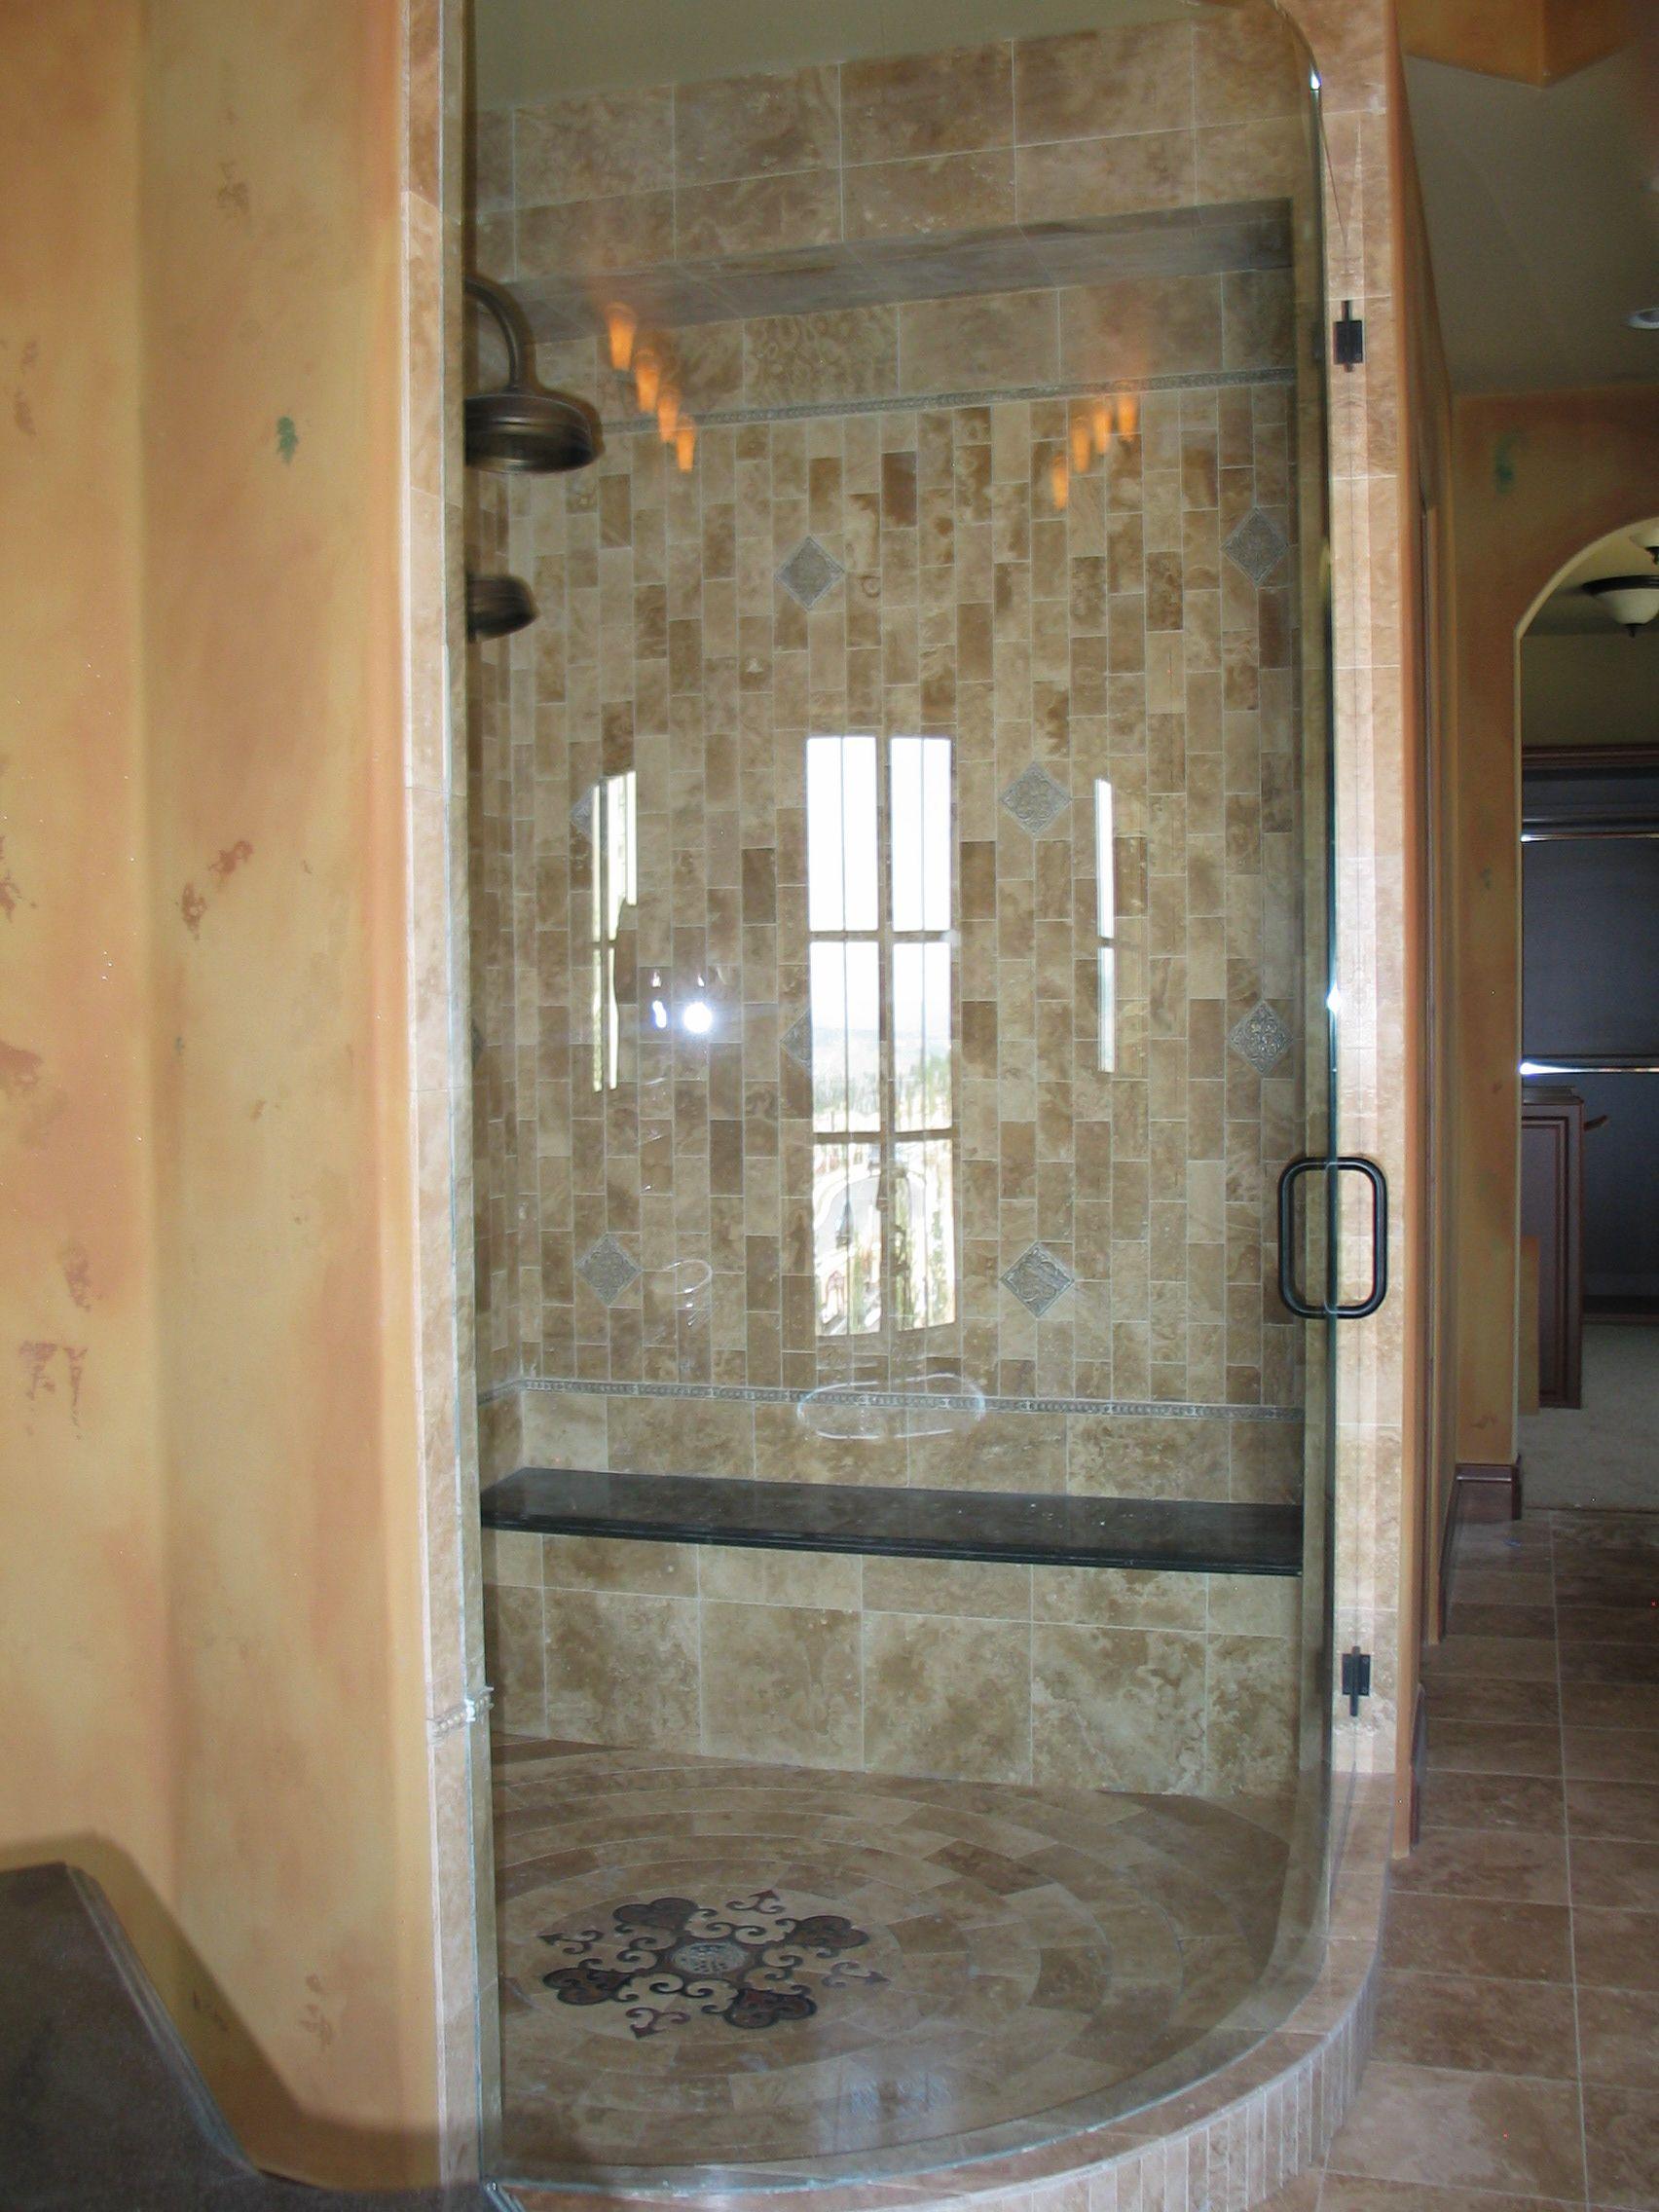 Glass Shower Door Love Not Too Small Fantastic Mosaic Floor